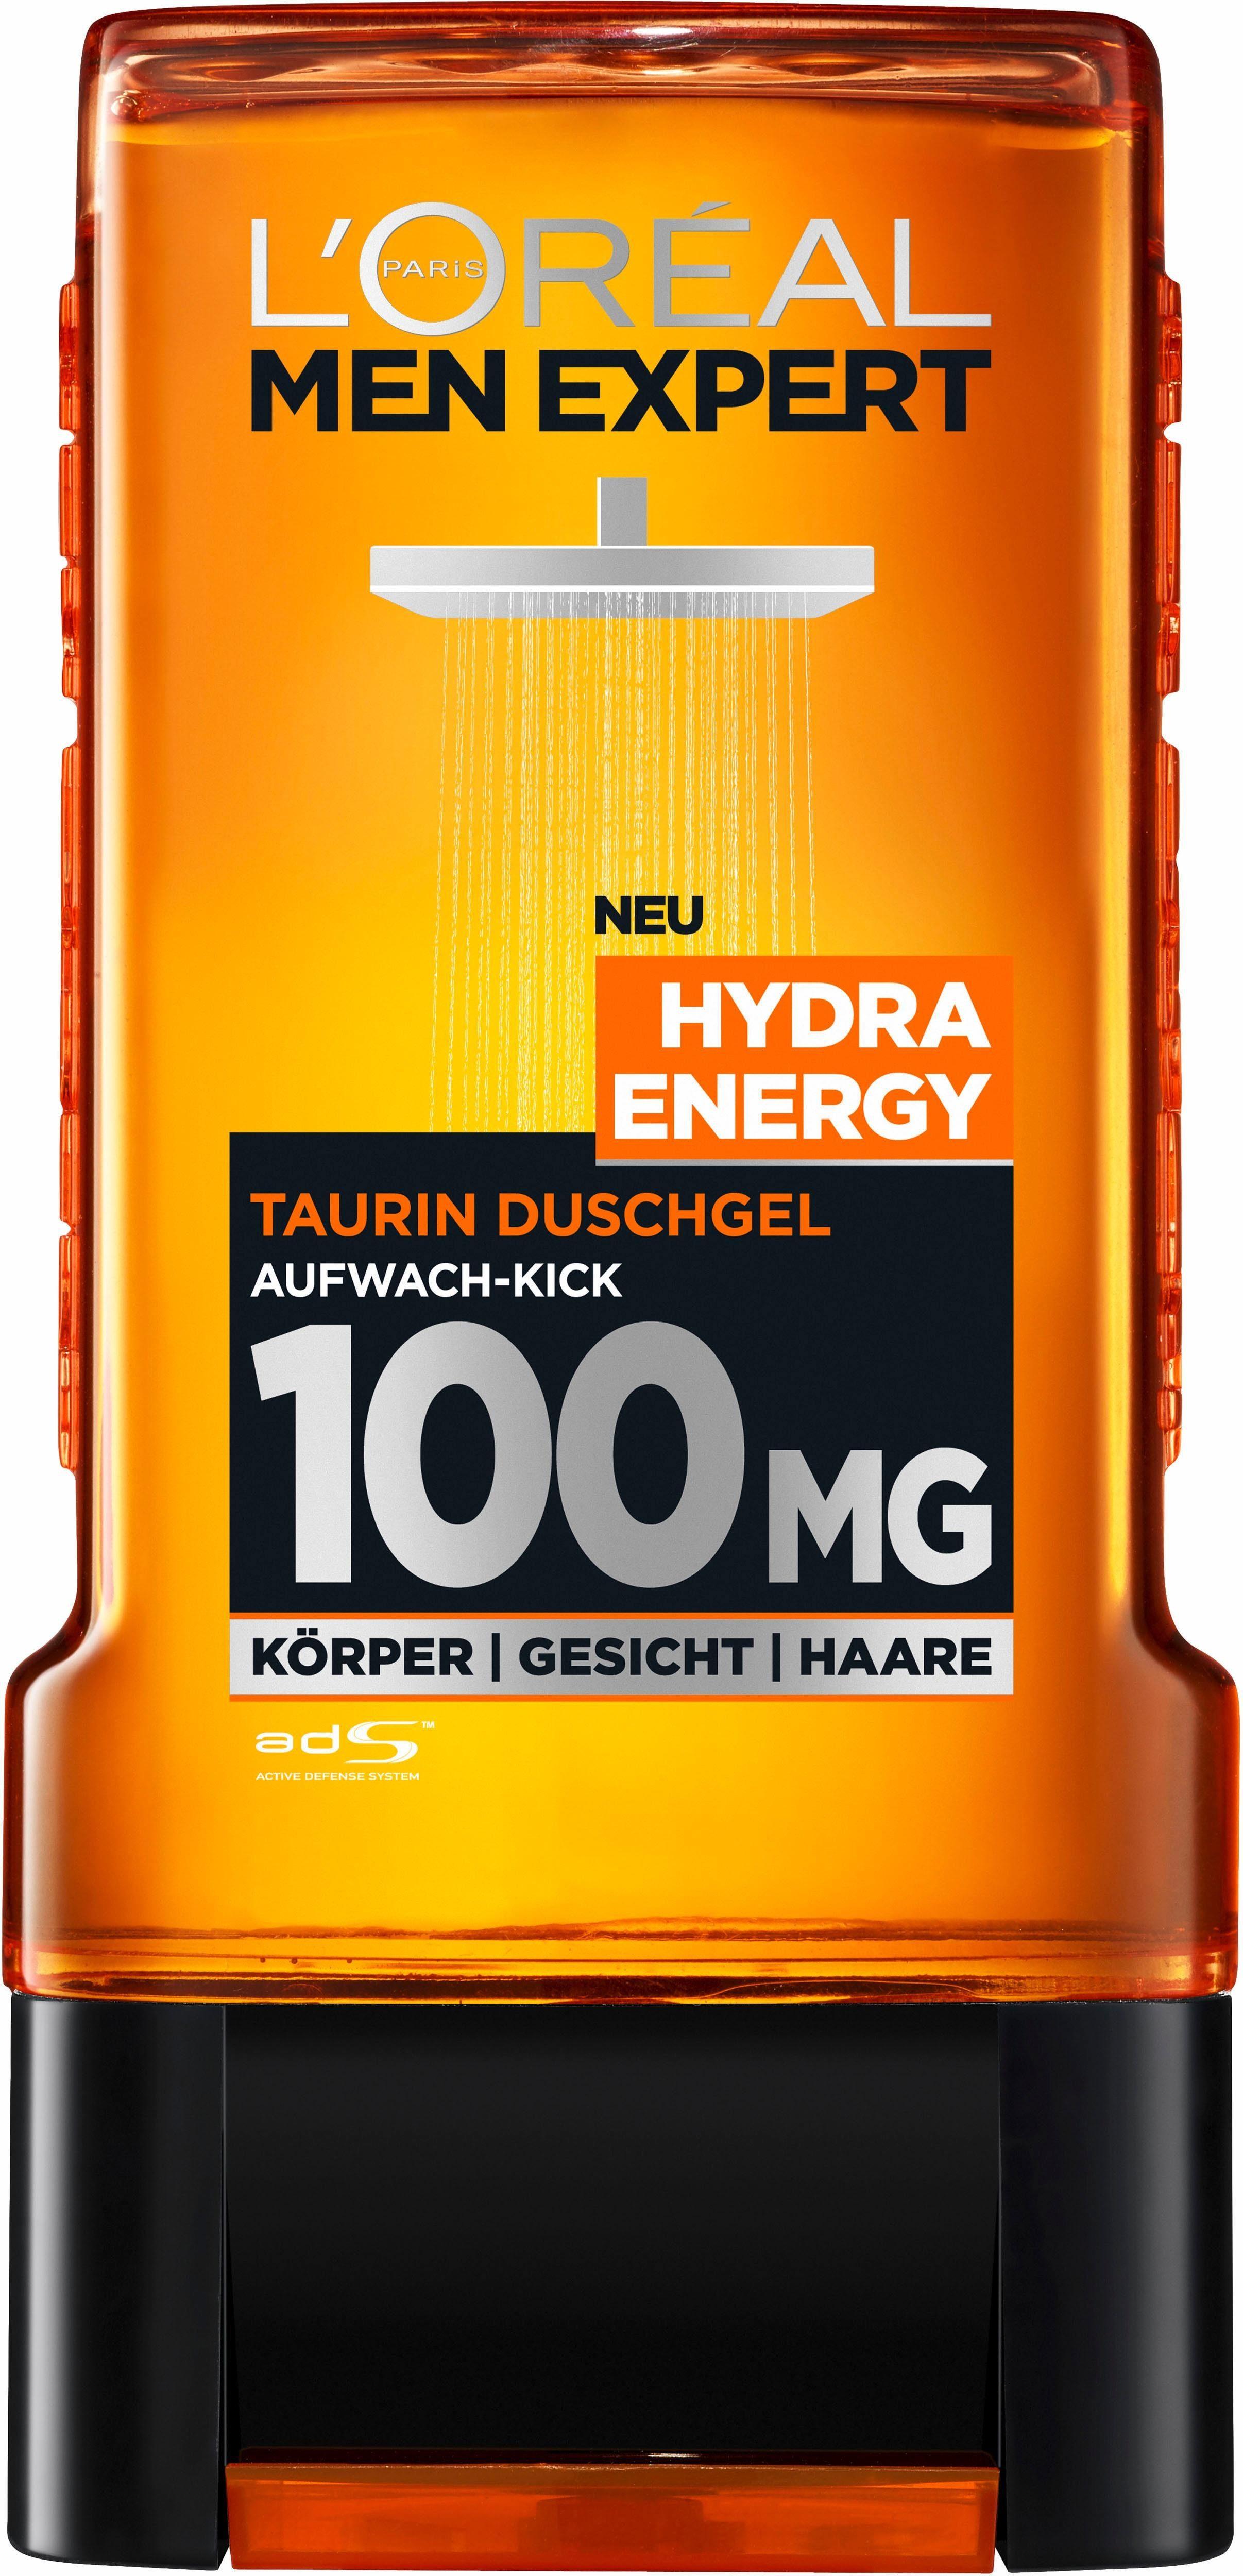 L'Oréal Paris Men Expert, »Men Expert Duschgel Hydra Energy«, Duschgel